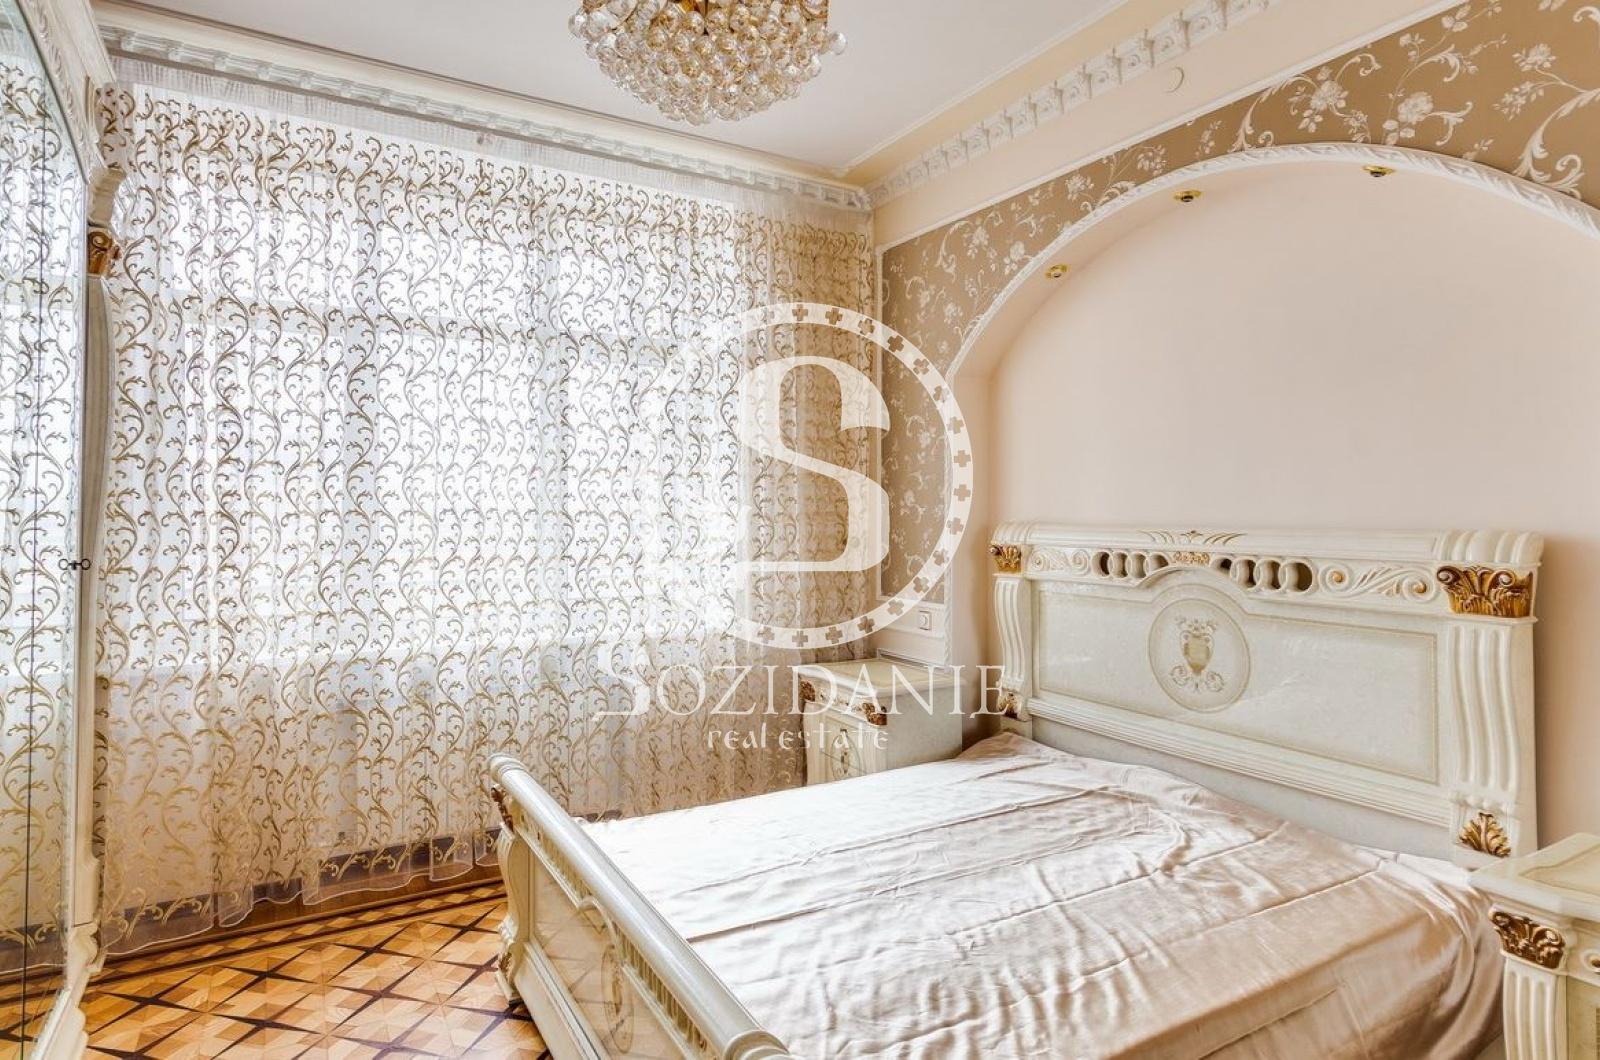 3 Комнаты, Городская, Аренда, Чапаевский переулок, Listing ID 3506, Москва, Россия,